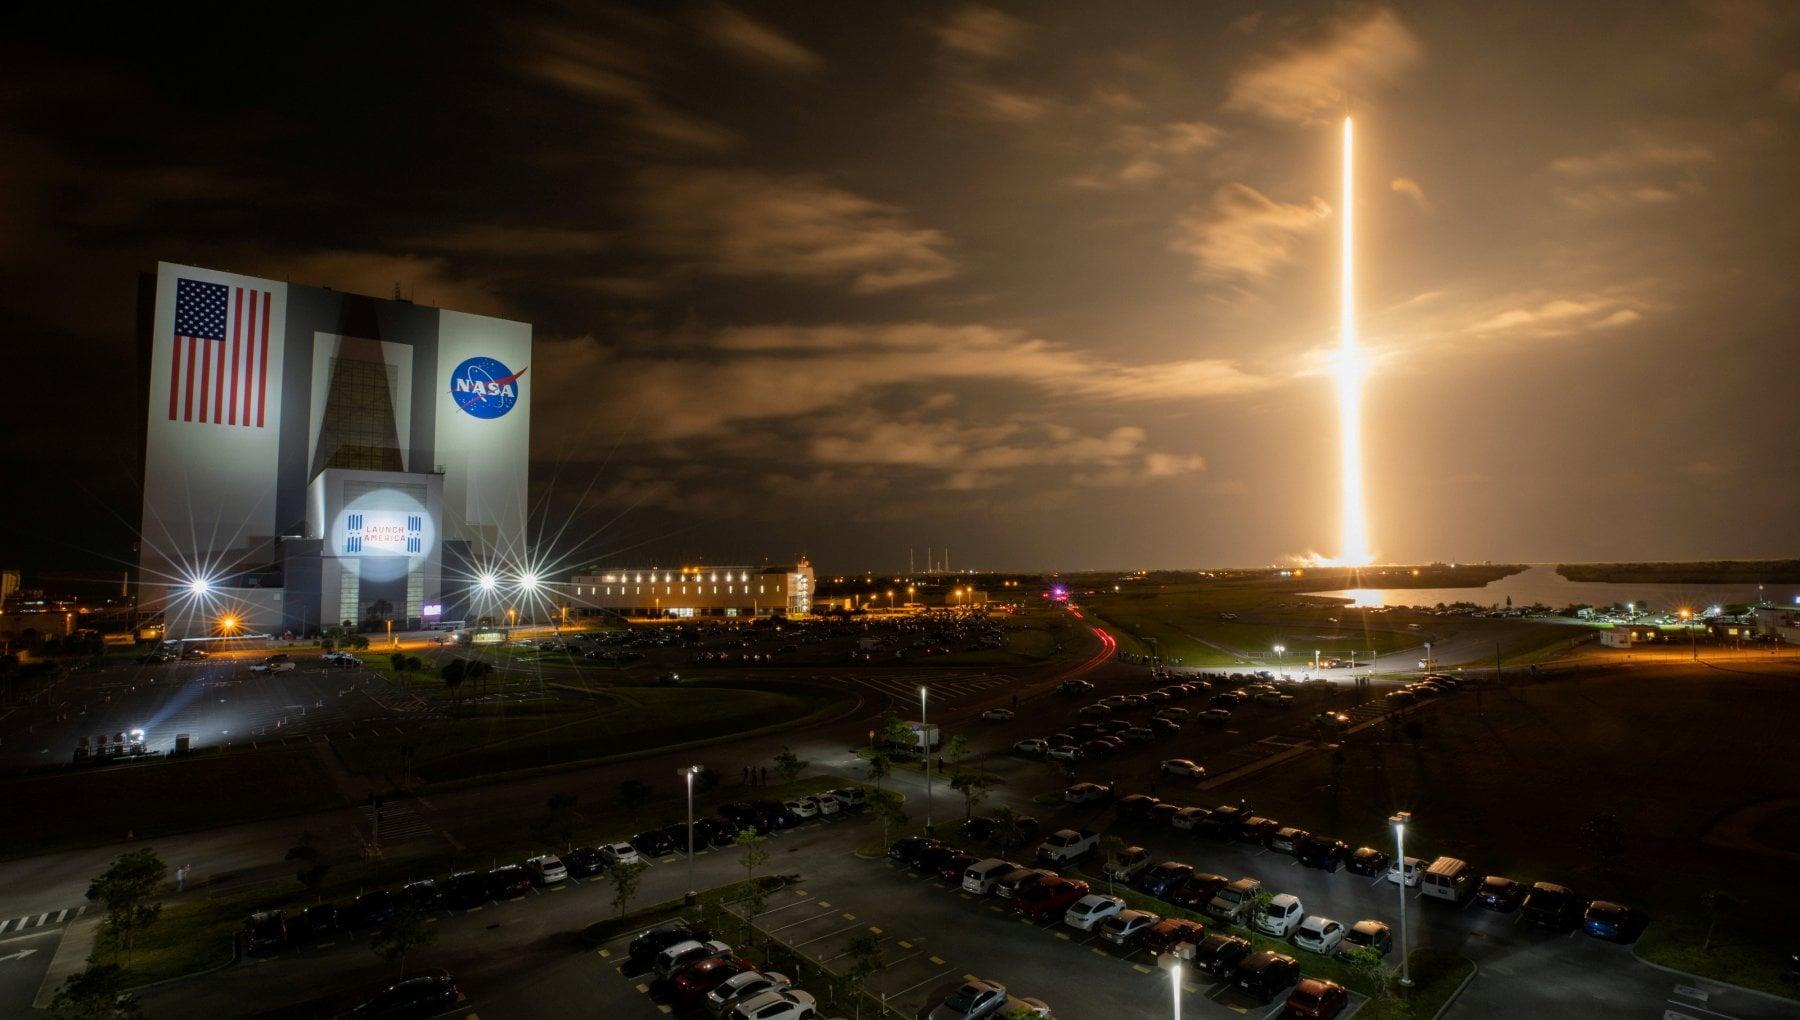 052601625 0d3b08e3 634c 4c17 9bc6 6c128722bf03 - SpaceX porta in orbita un team composto da soli principianti: parte l'era del turismo spaziale